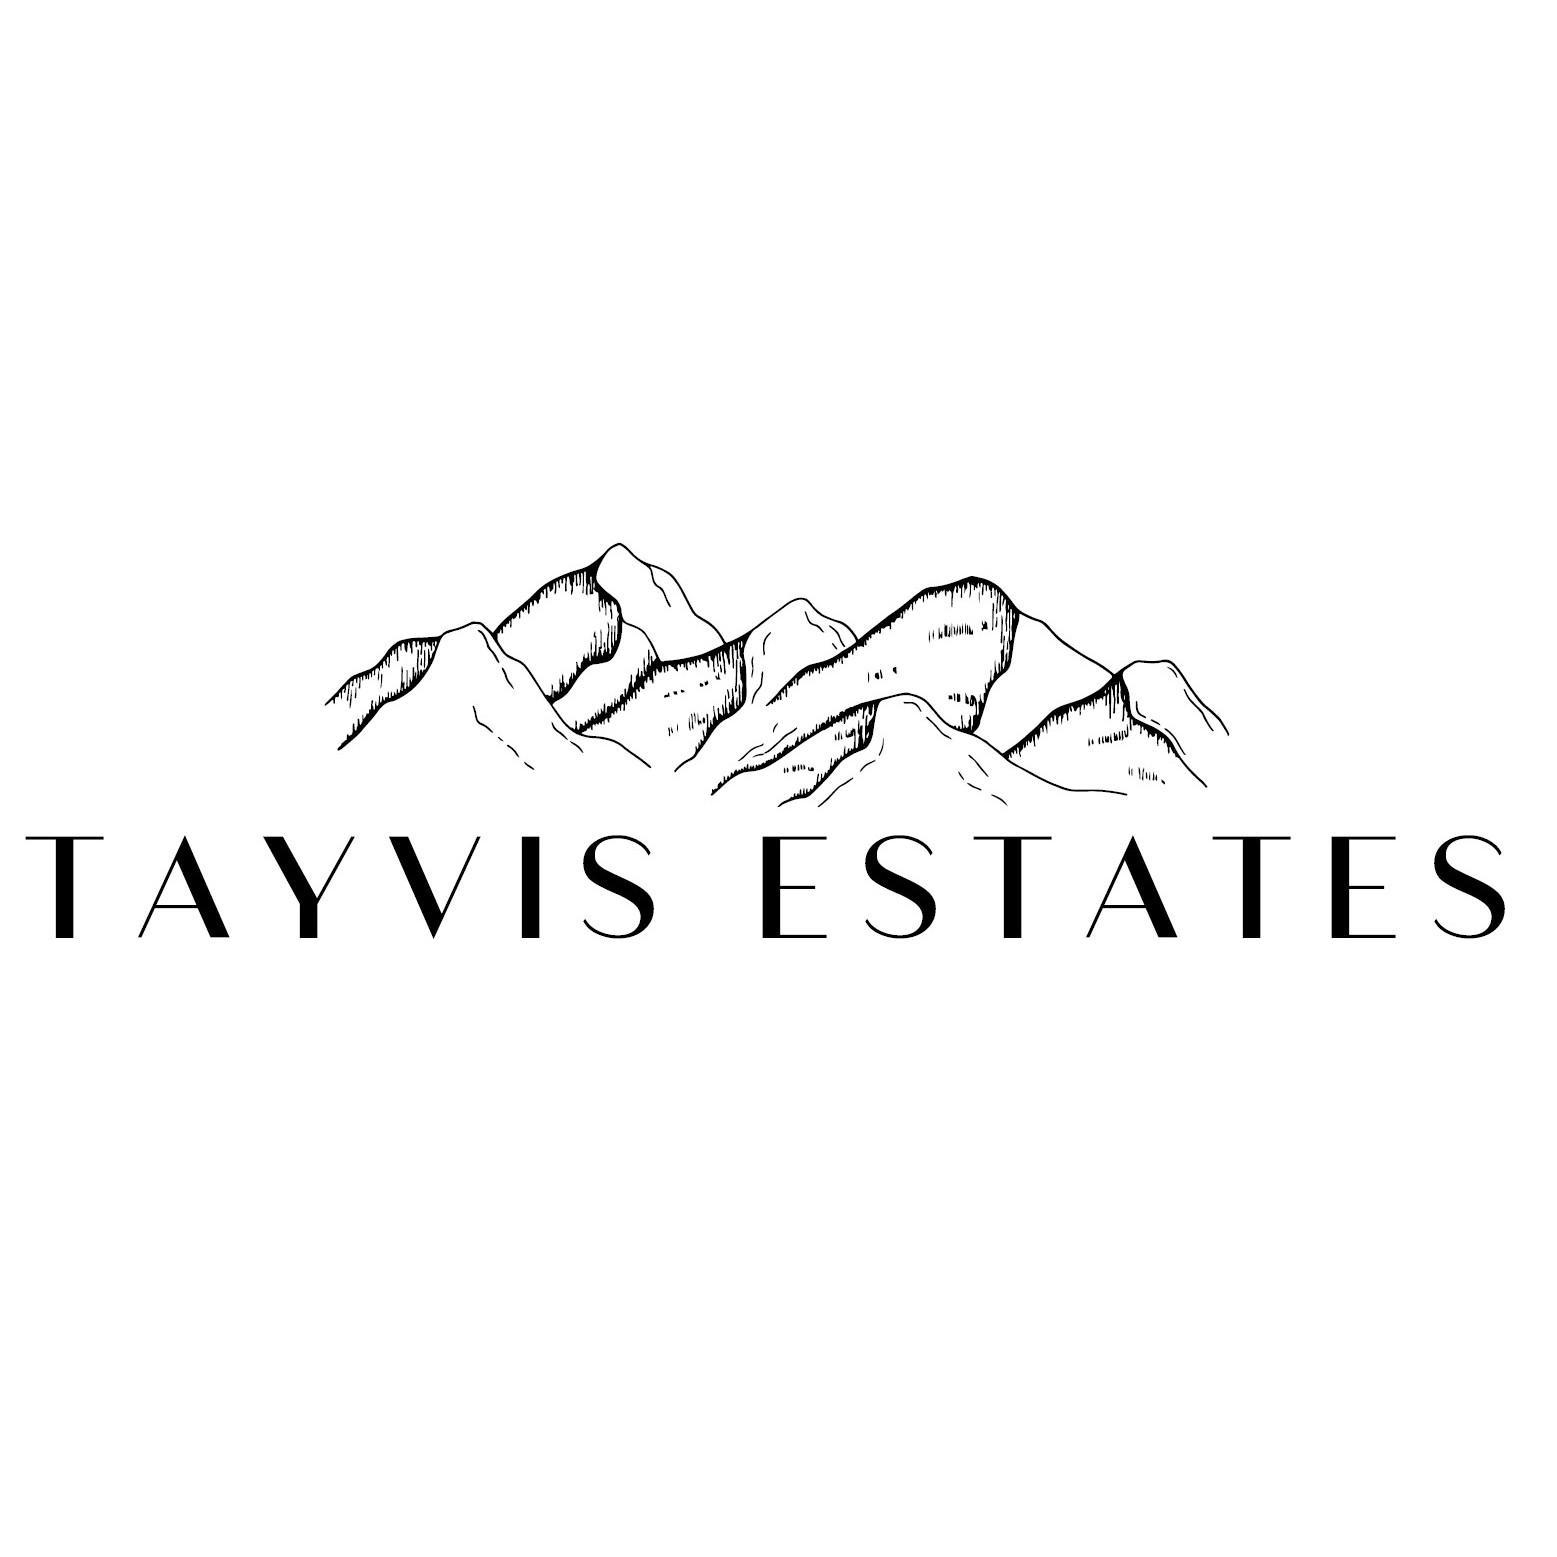 Tayvis Estates LLC